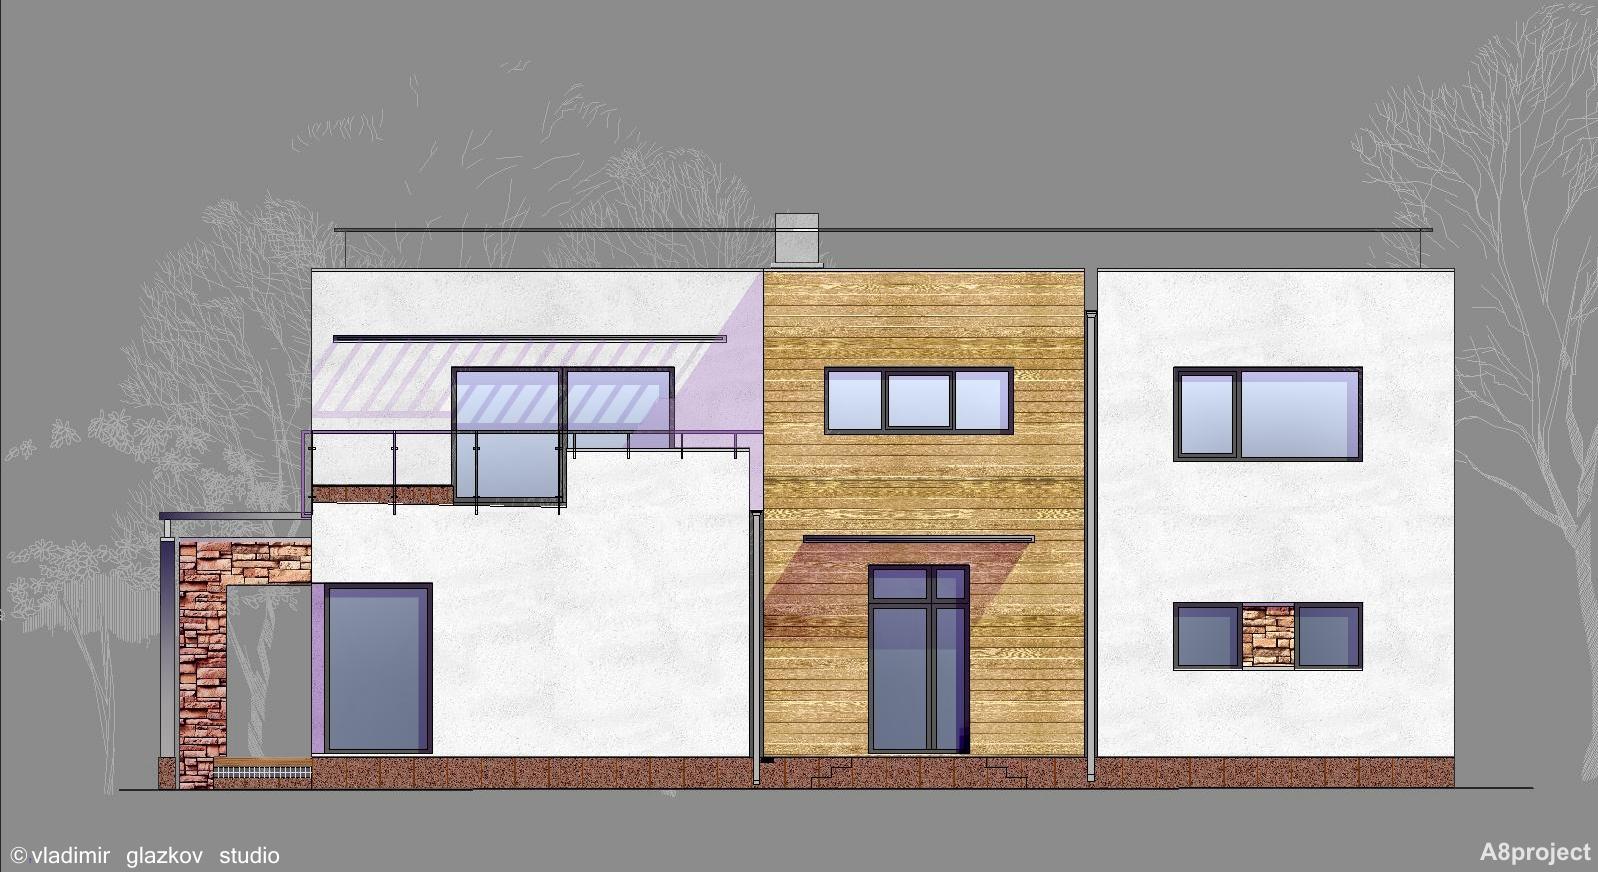 Проекты домов с плоской крышей Проект дома с плоской кровлей, террасами и панорамными окнами - проект А8, фасад 1